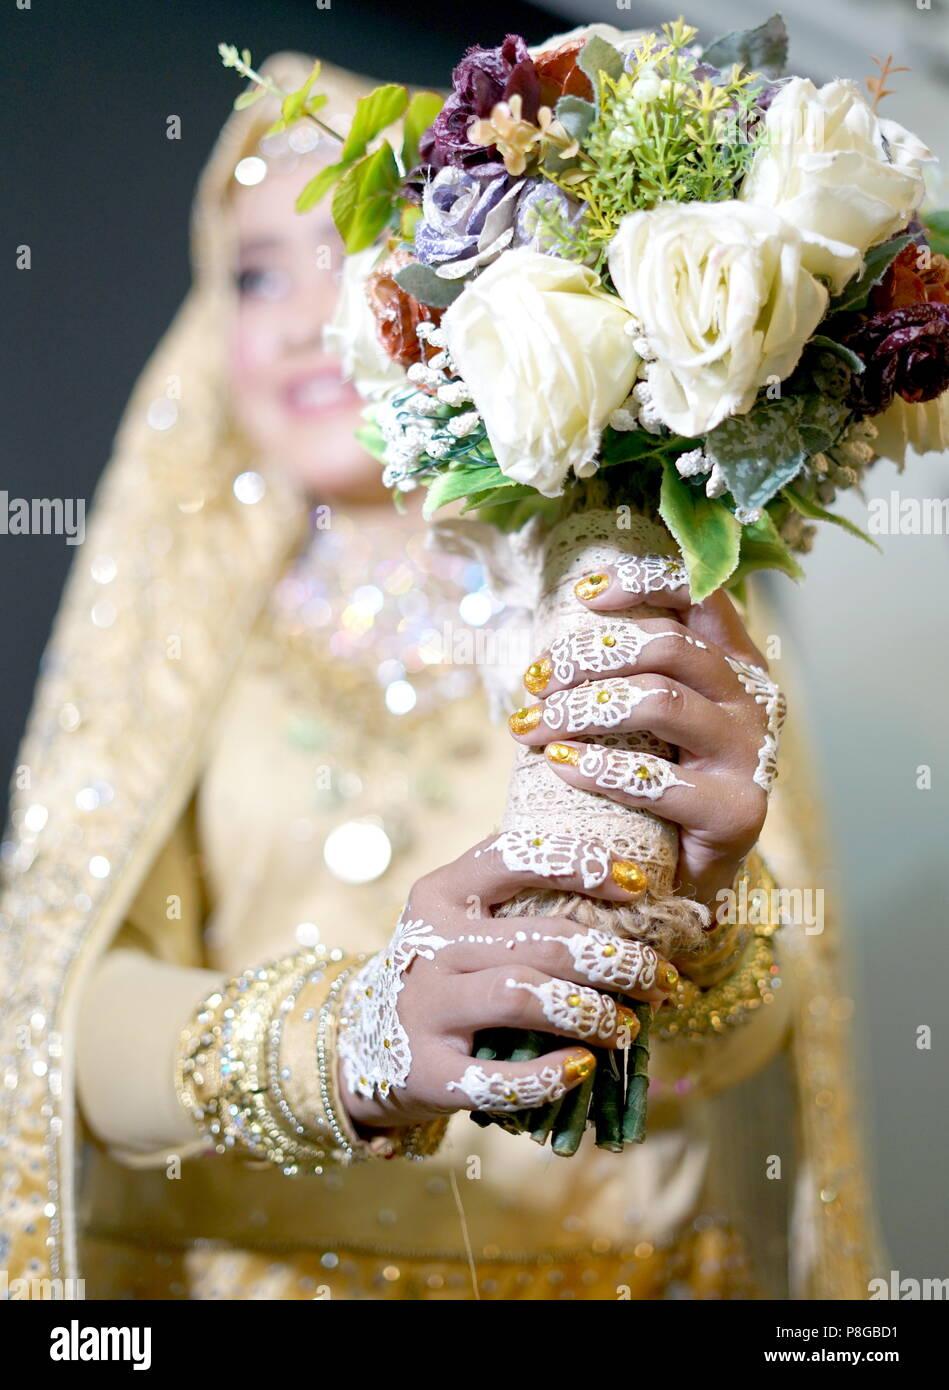 Bella Sposa le mani con Henna Tattoo holding blumi, indonesiano matrimonio cerimonia di tradizione Immagini Stock